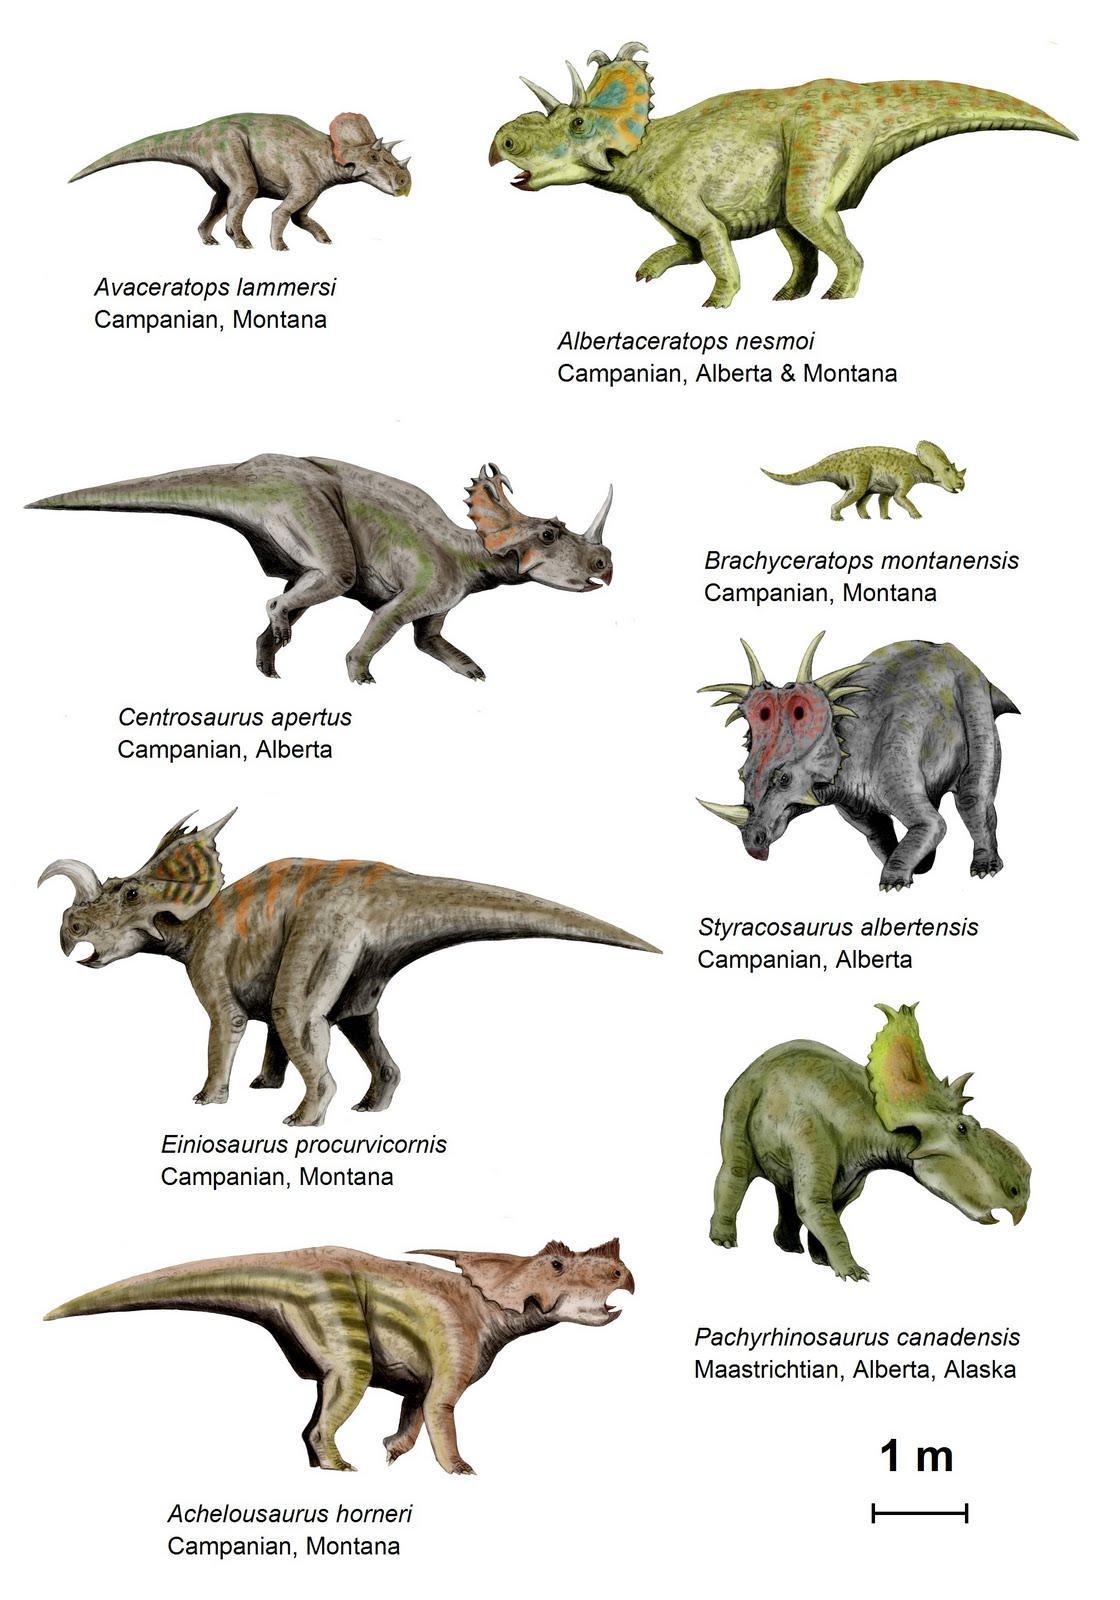 http://2.bp.blogspot.com/_ozM12geiang/TAbGgV7MDII/AAAAAAAAA3I/oiJum_veIJw/s1600/tamura+centrosaurines.jpg